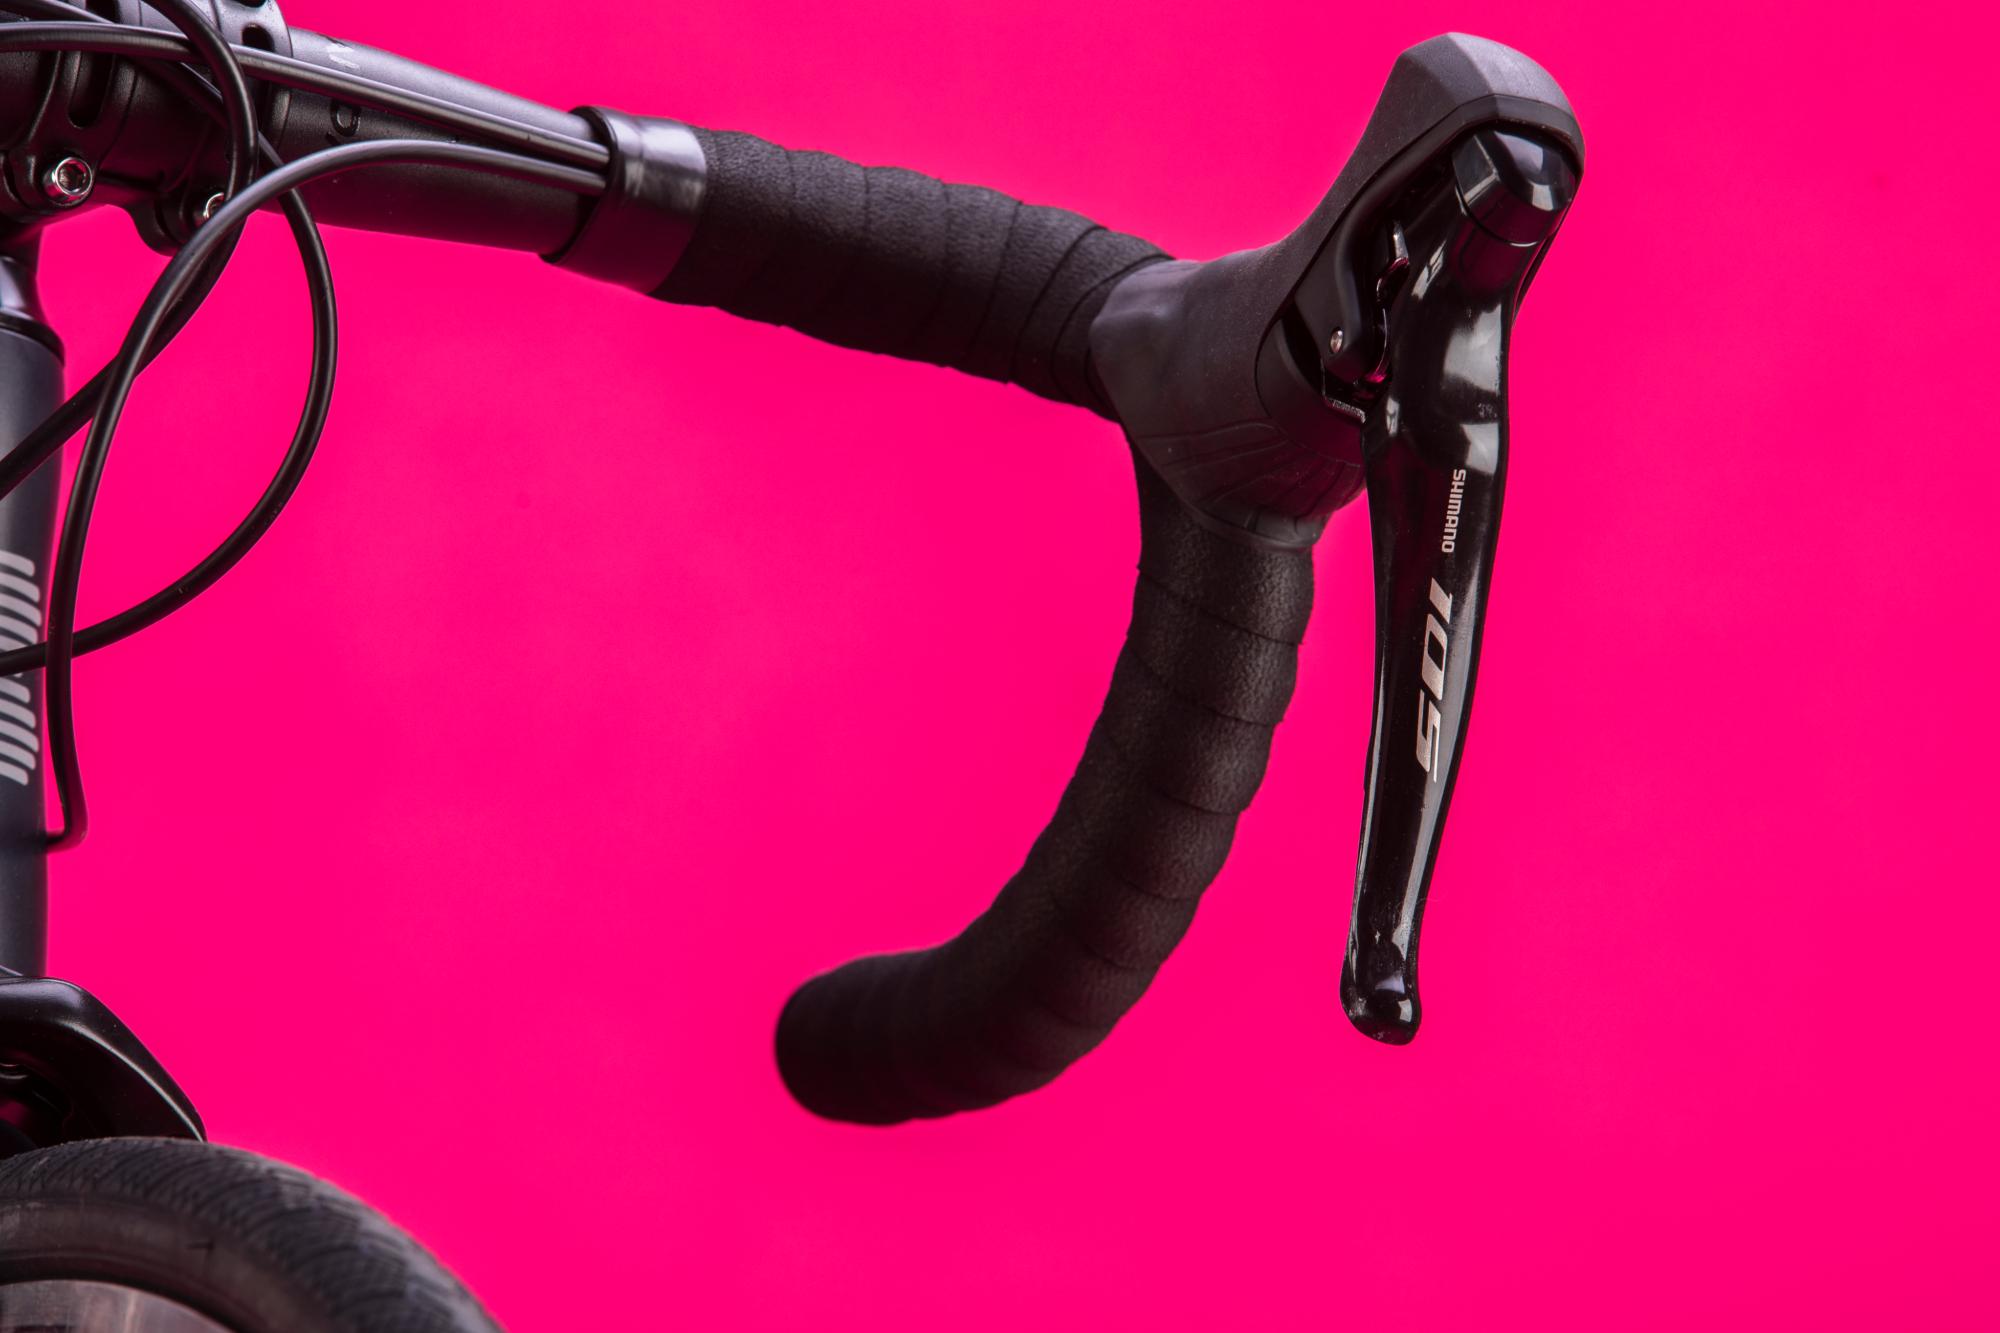 Boardman SLR 8.9 Women's Carbon